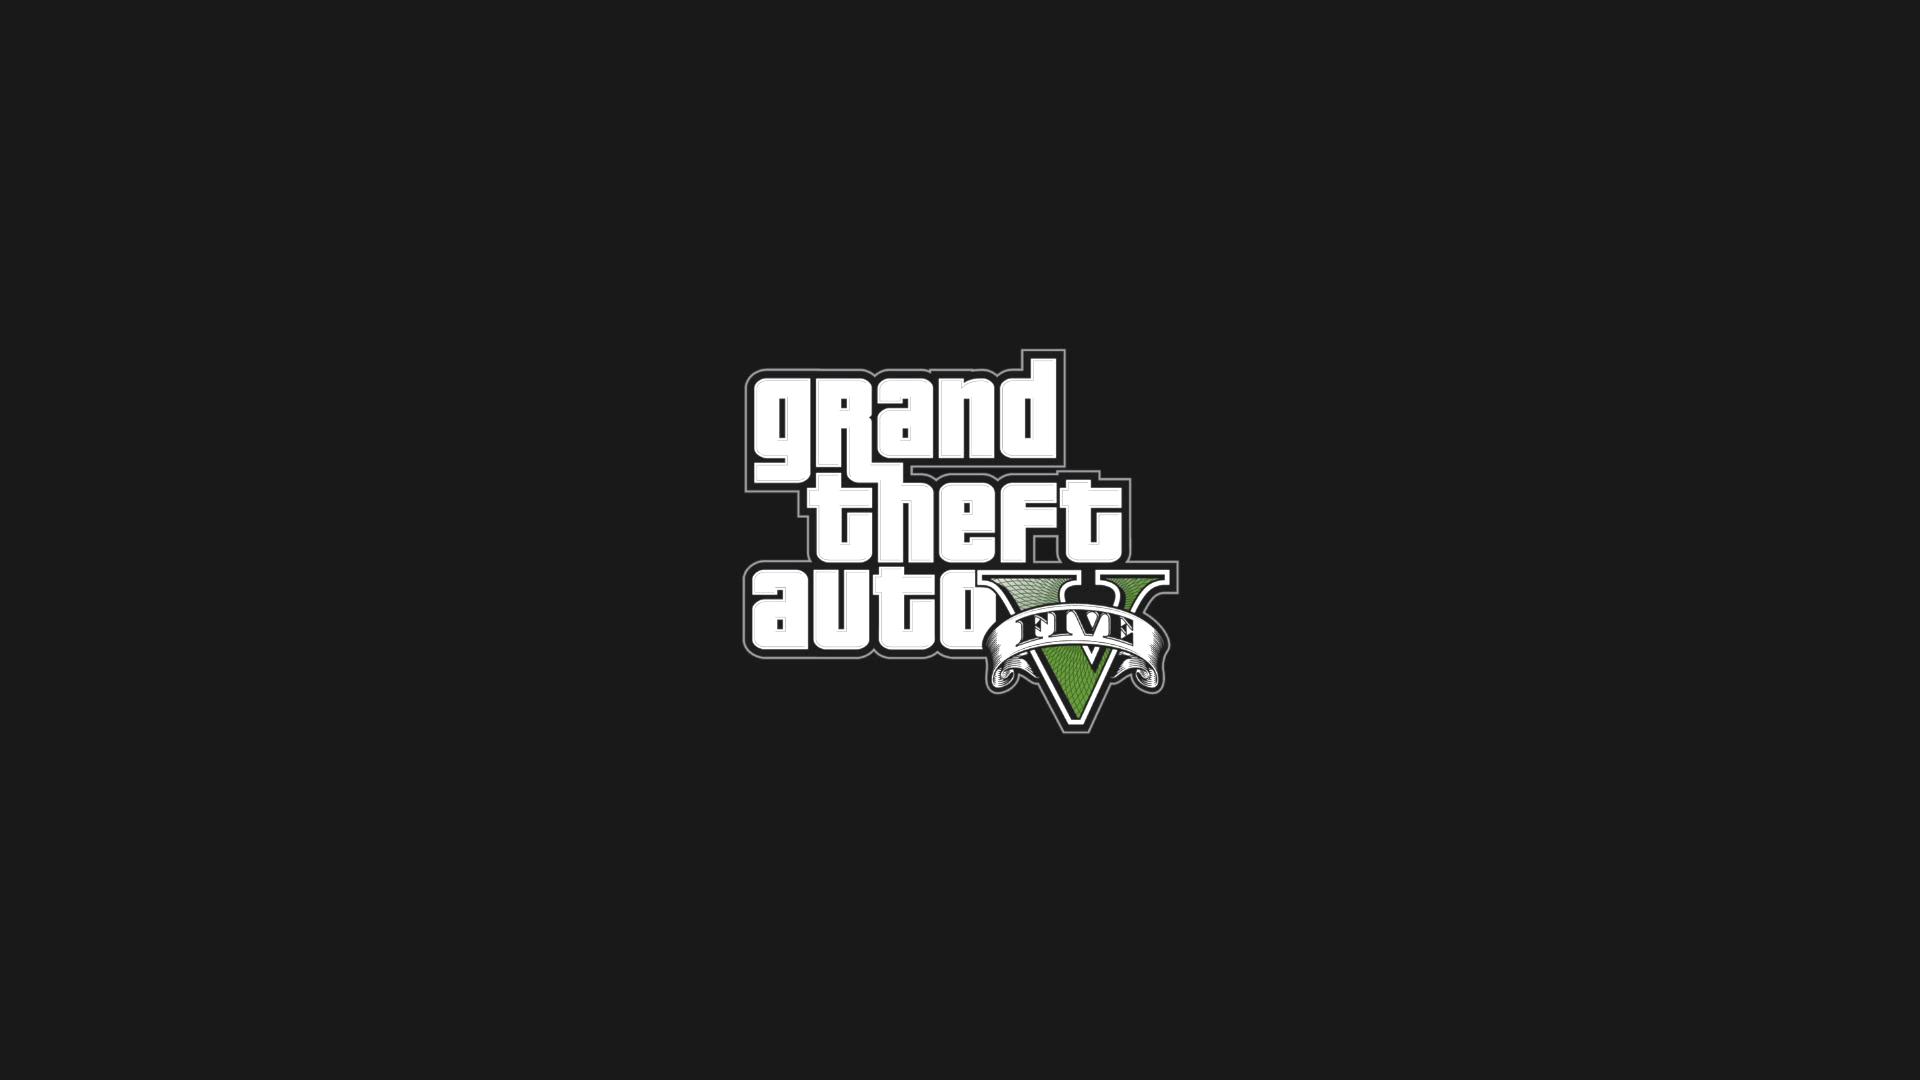 GTA V Logo - Intro Screen - GTA5-Mods.com